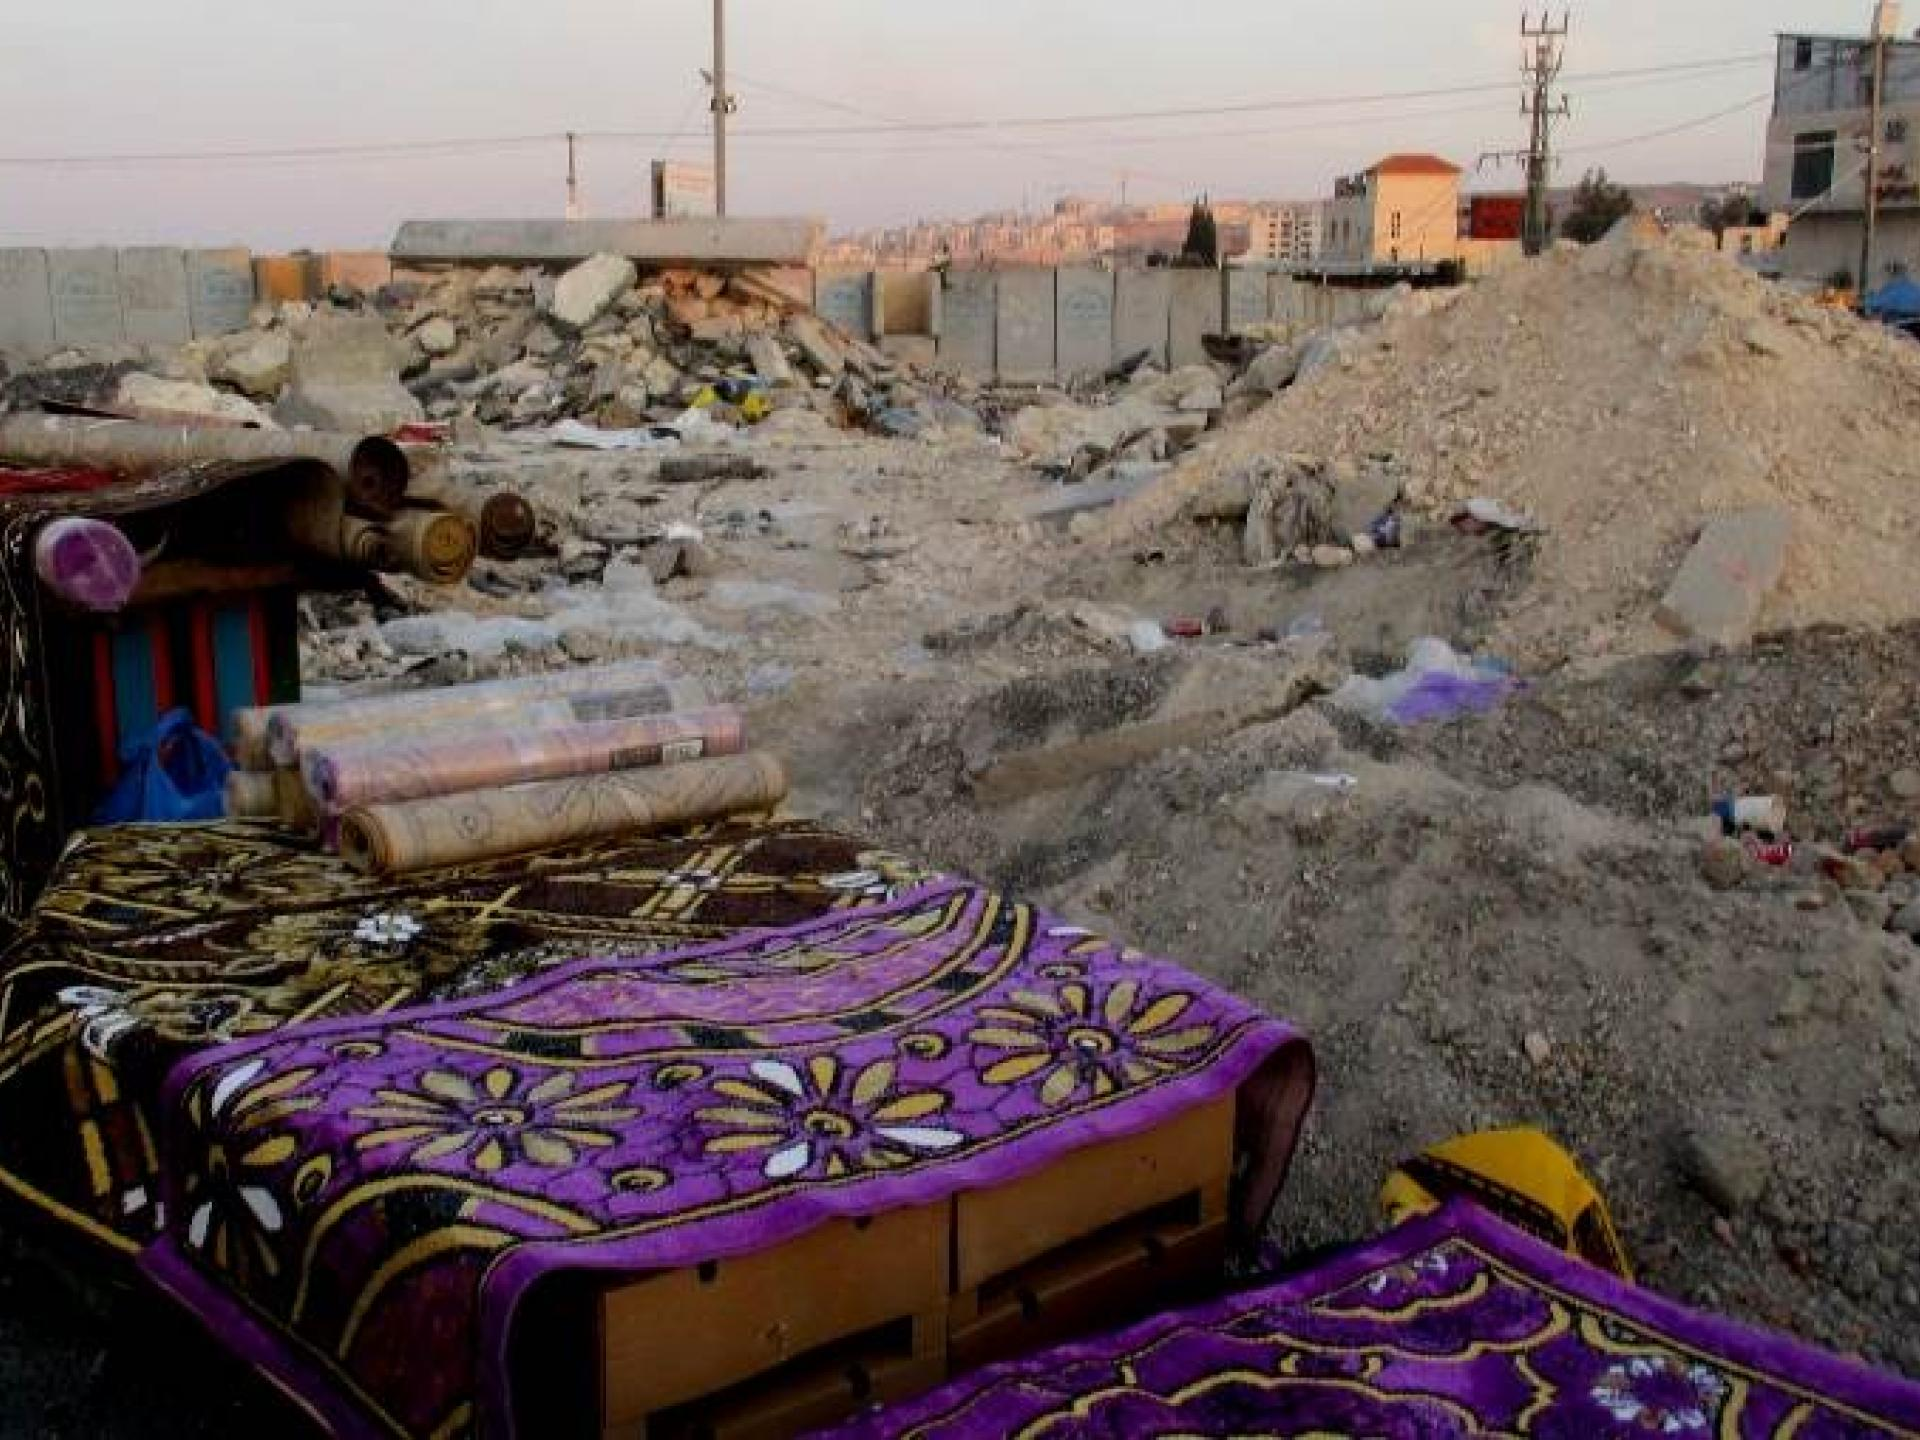 בצד הפלסטיני של המחסום